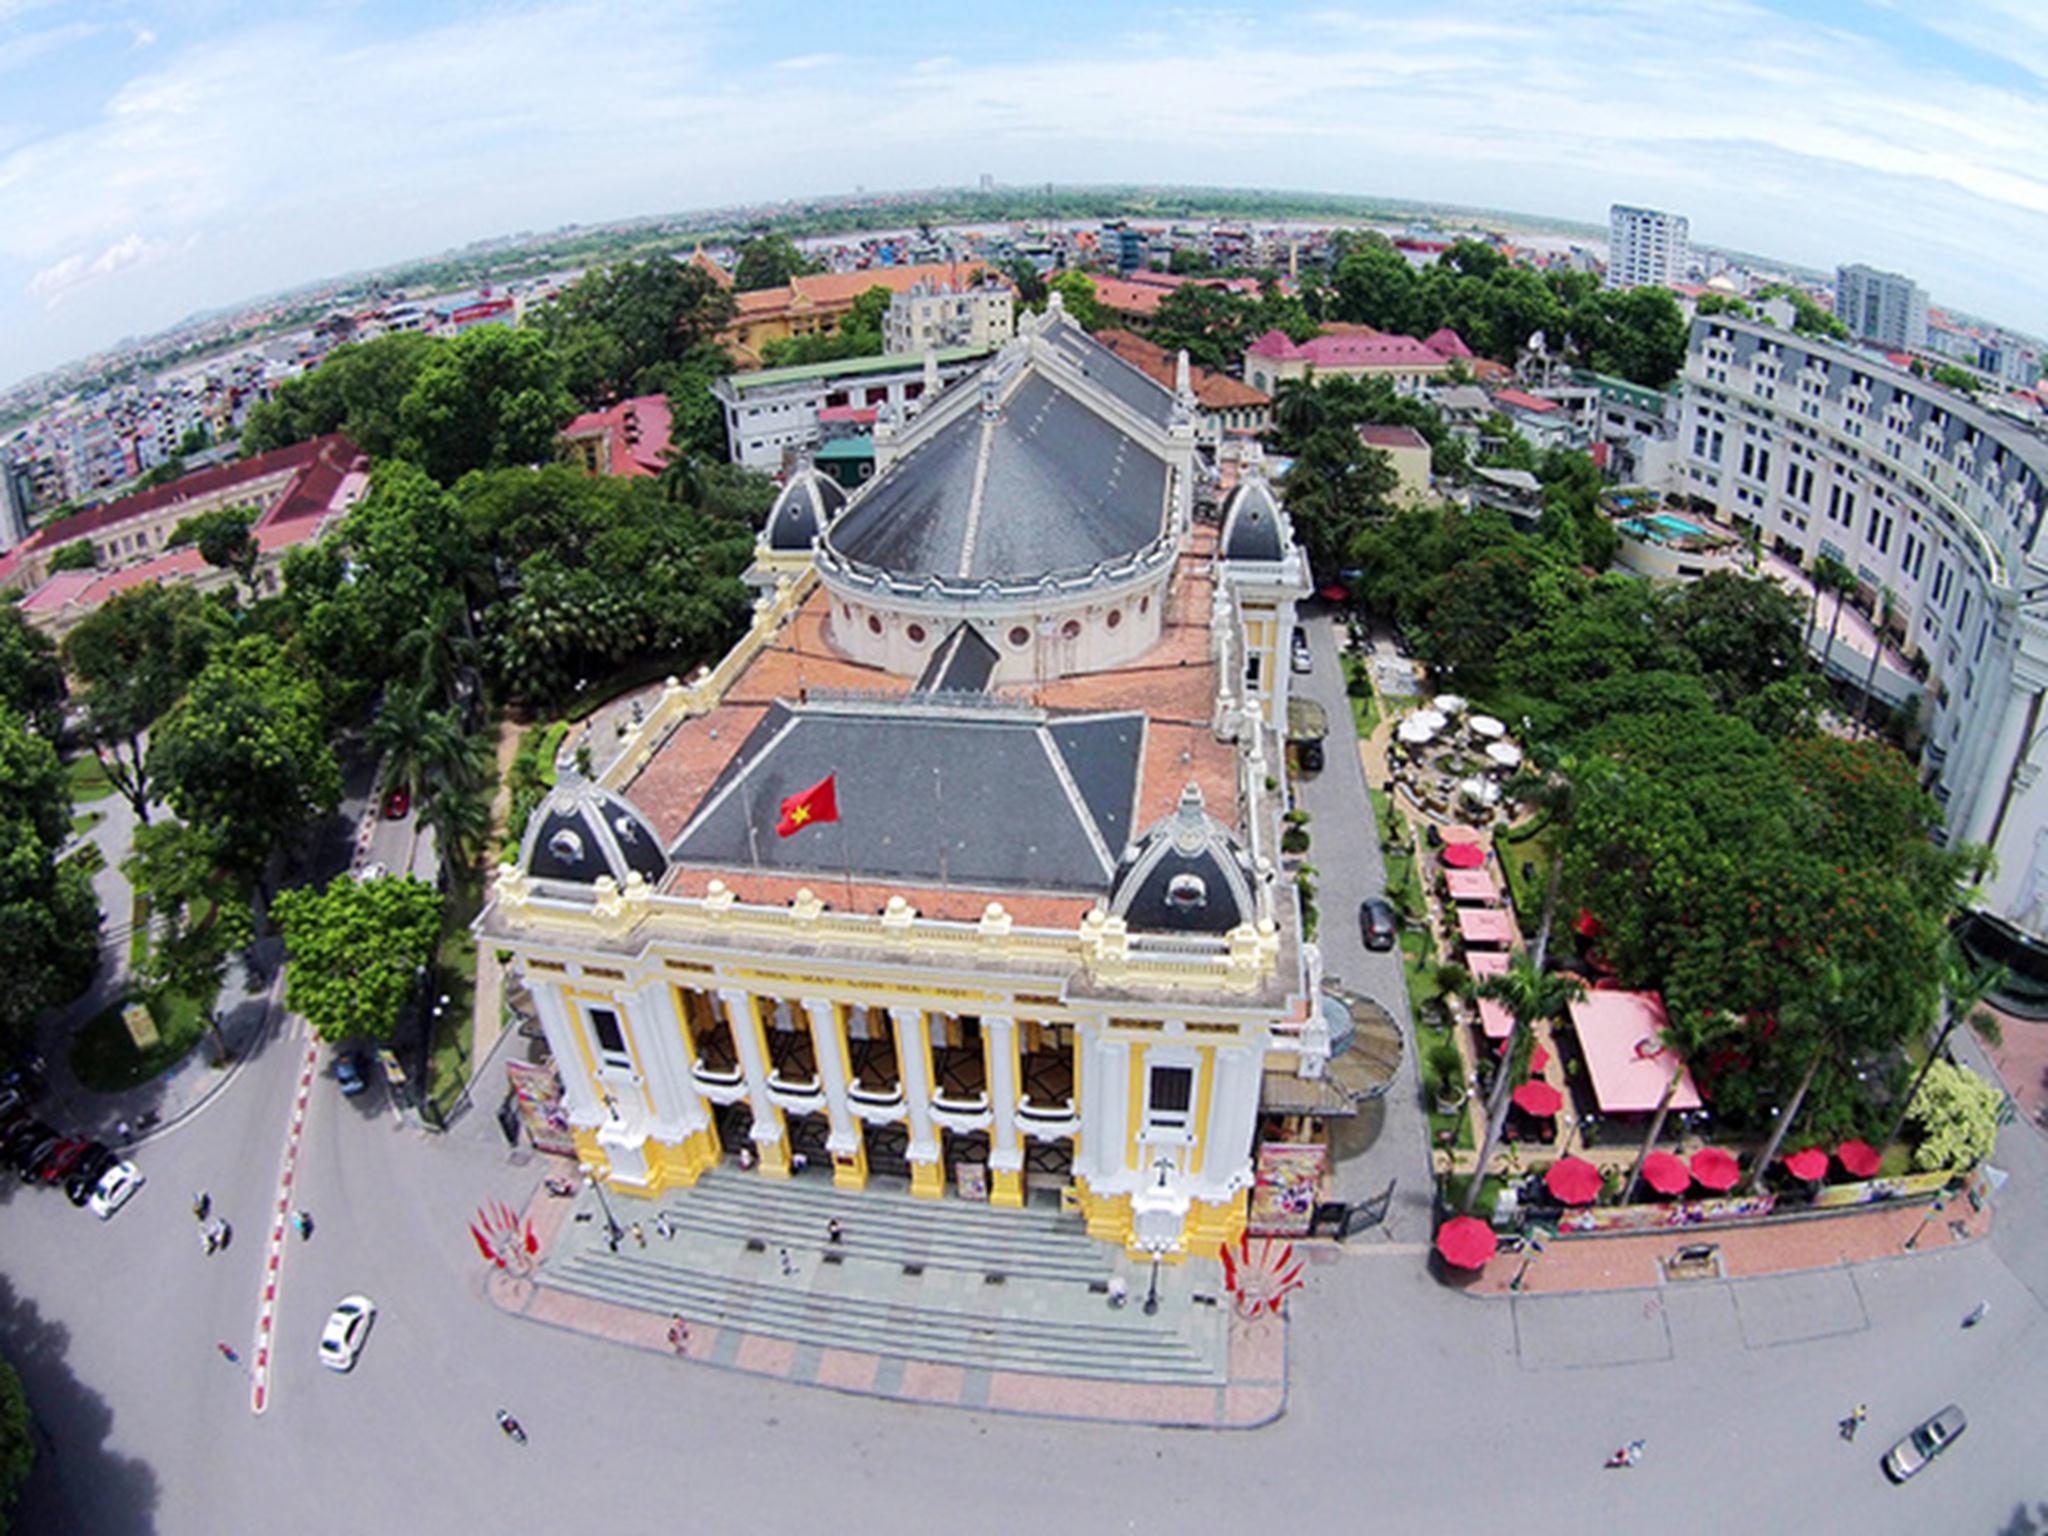 Tọa lạc trên phố Tràng Tiền, Nhà hát Lớn Hà Nội là điểm nhấn của thủ đô. Khởi công năm 1901, công trình hoàn thành năm 1911 theo mẫu Nhà hát Opéra Garnier ở Paris (Pháp), nhưng tầm vóc nhỏ hơn và sử dụng các vật liệu phù hợp với điều kiện khí hậu địa phương. Hai kiến trúc sư người Pháp Harlay và Broyer đã thiết kế công trình này.